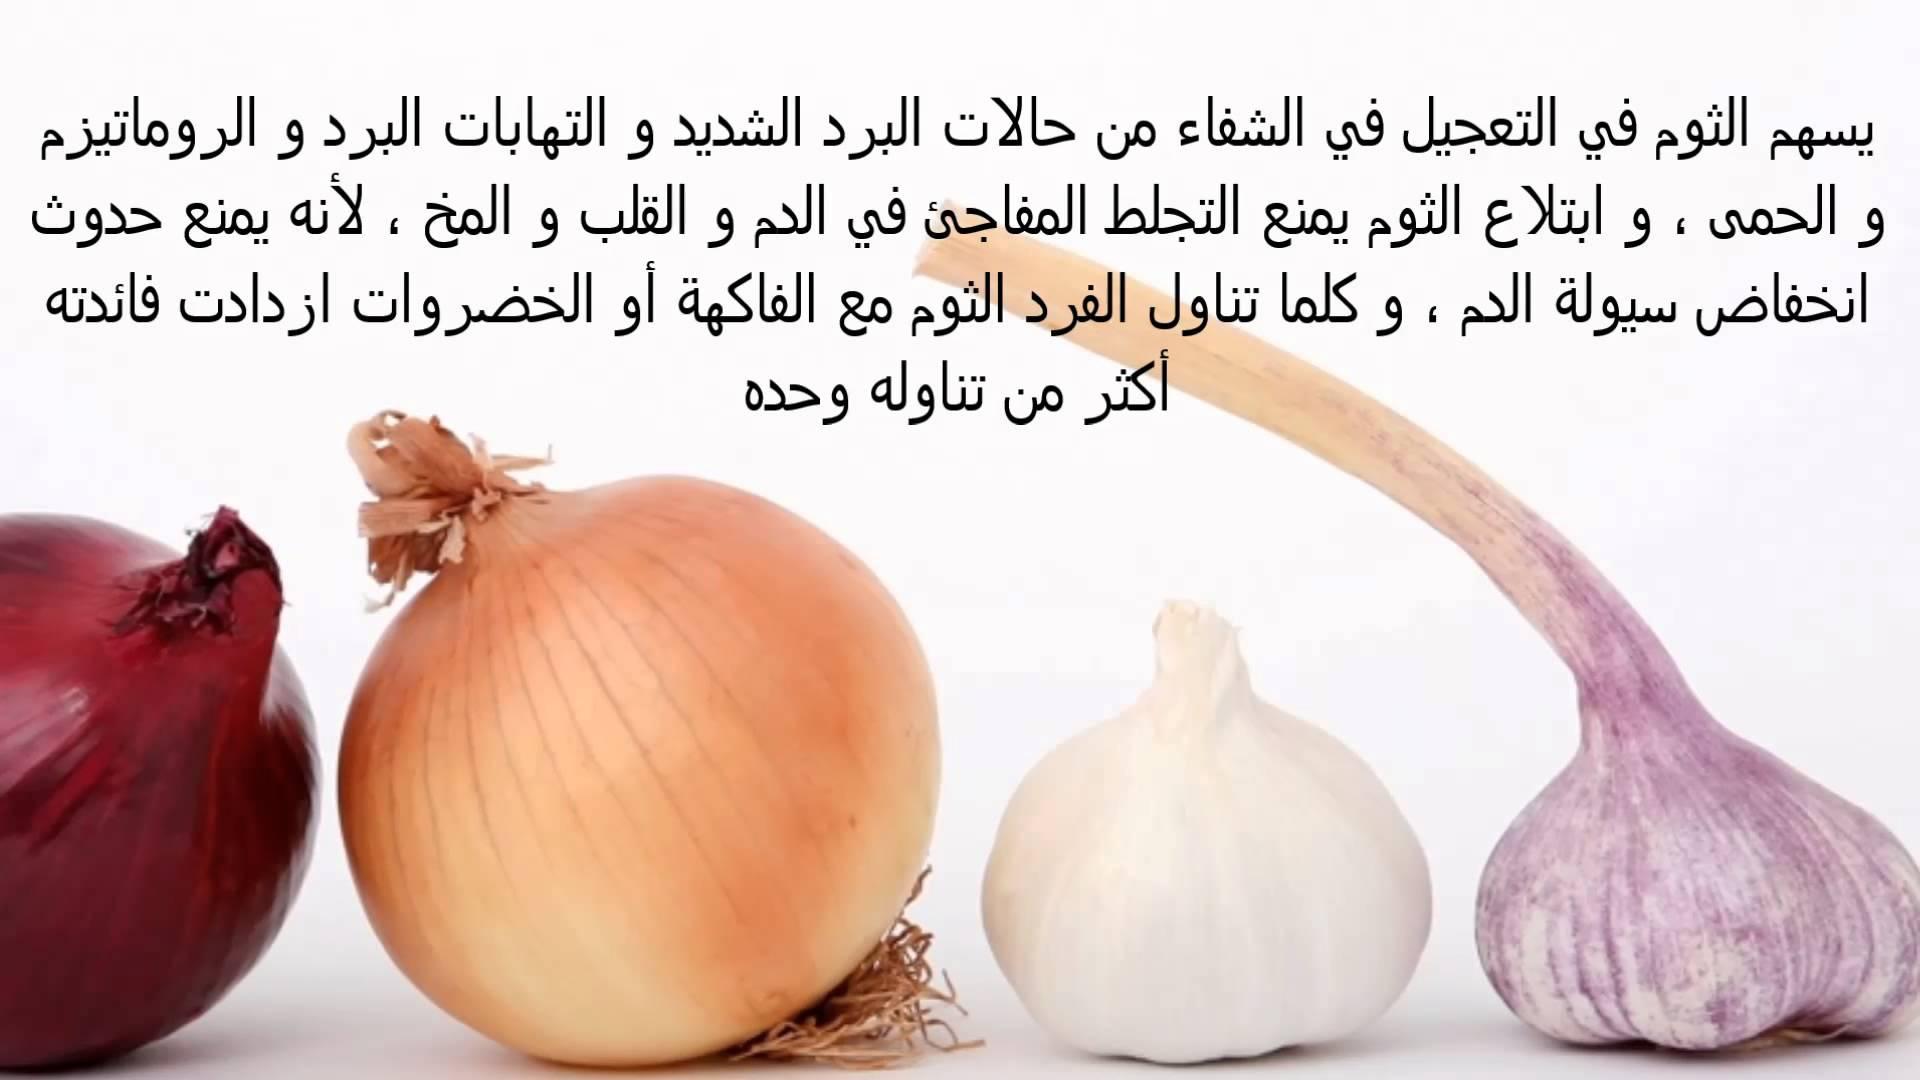 صورة فوائد الثوم للجسم , اهميه تناول الثوم لجسم الانسان